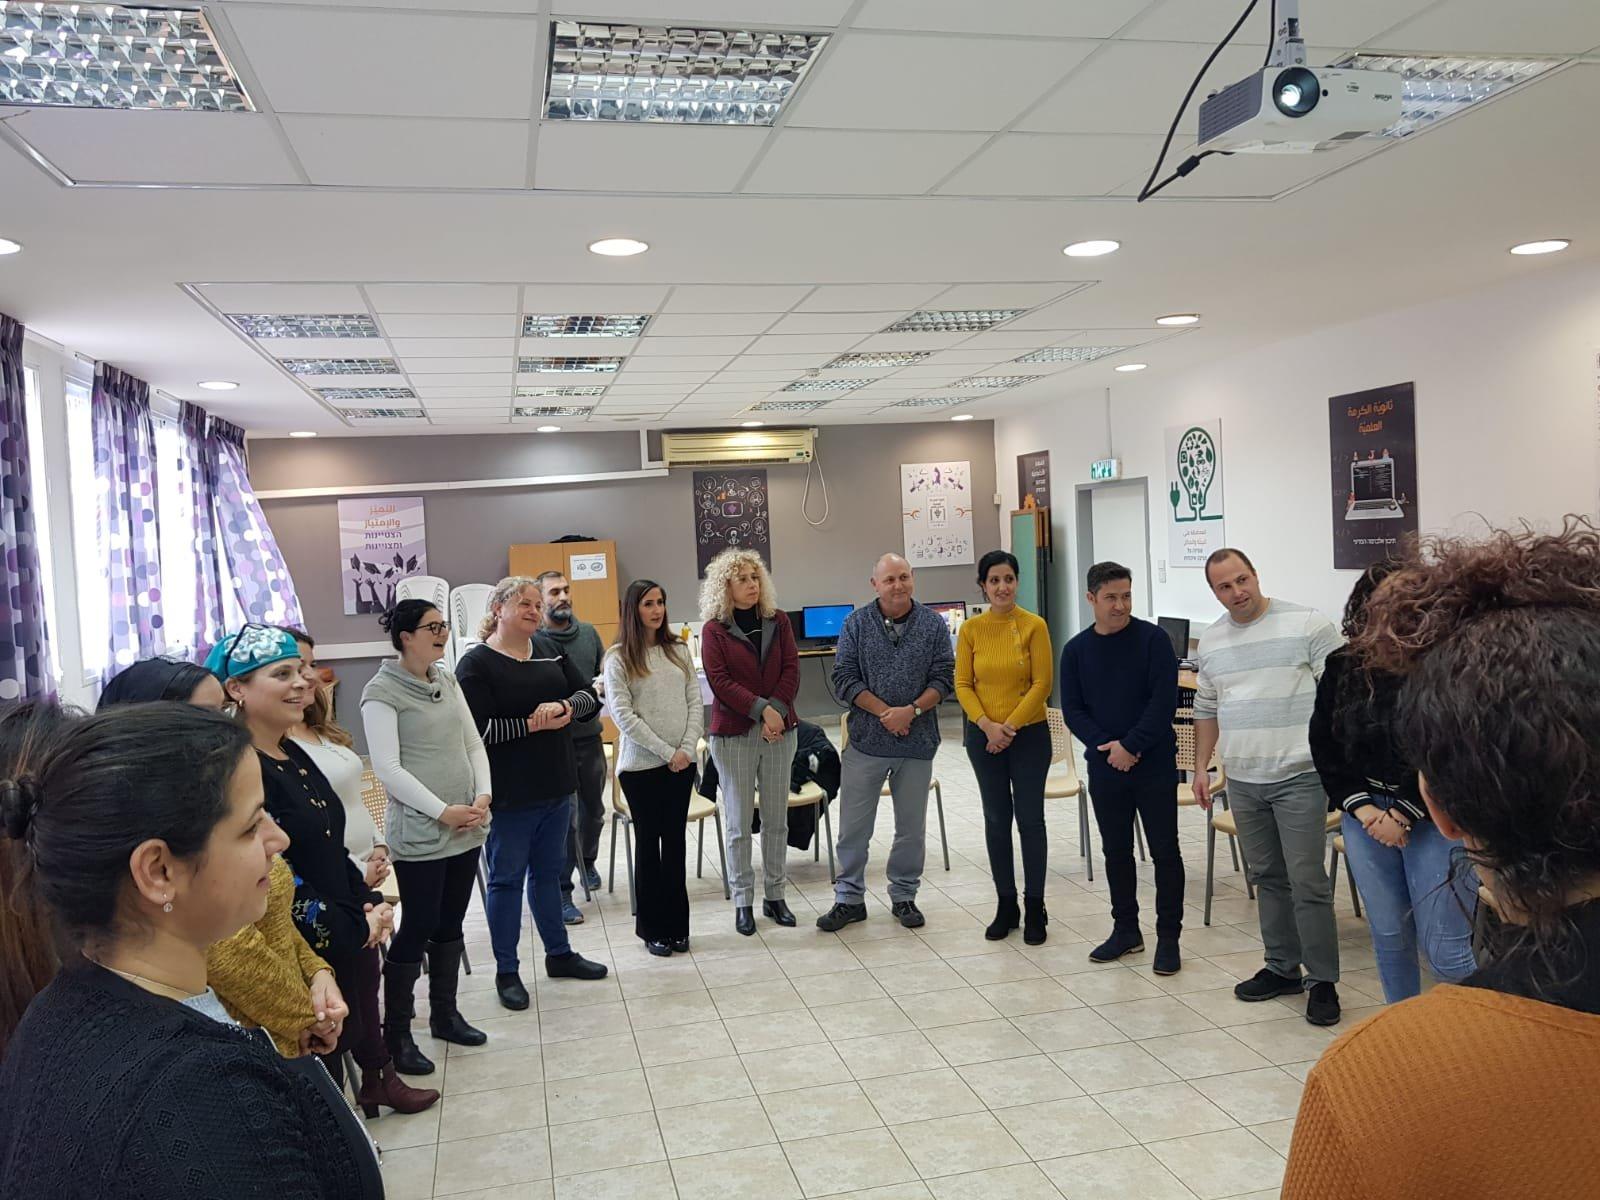 ثانويّة الكرمة العلمية في حيفا تفتح أبوابها لاستضافة معلمين ومركّزين اجتماعيّين ضمن برنامج ضيوف ومستضيفون